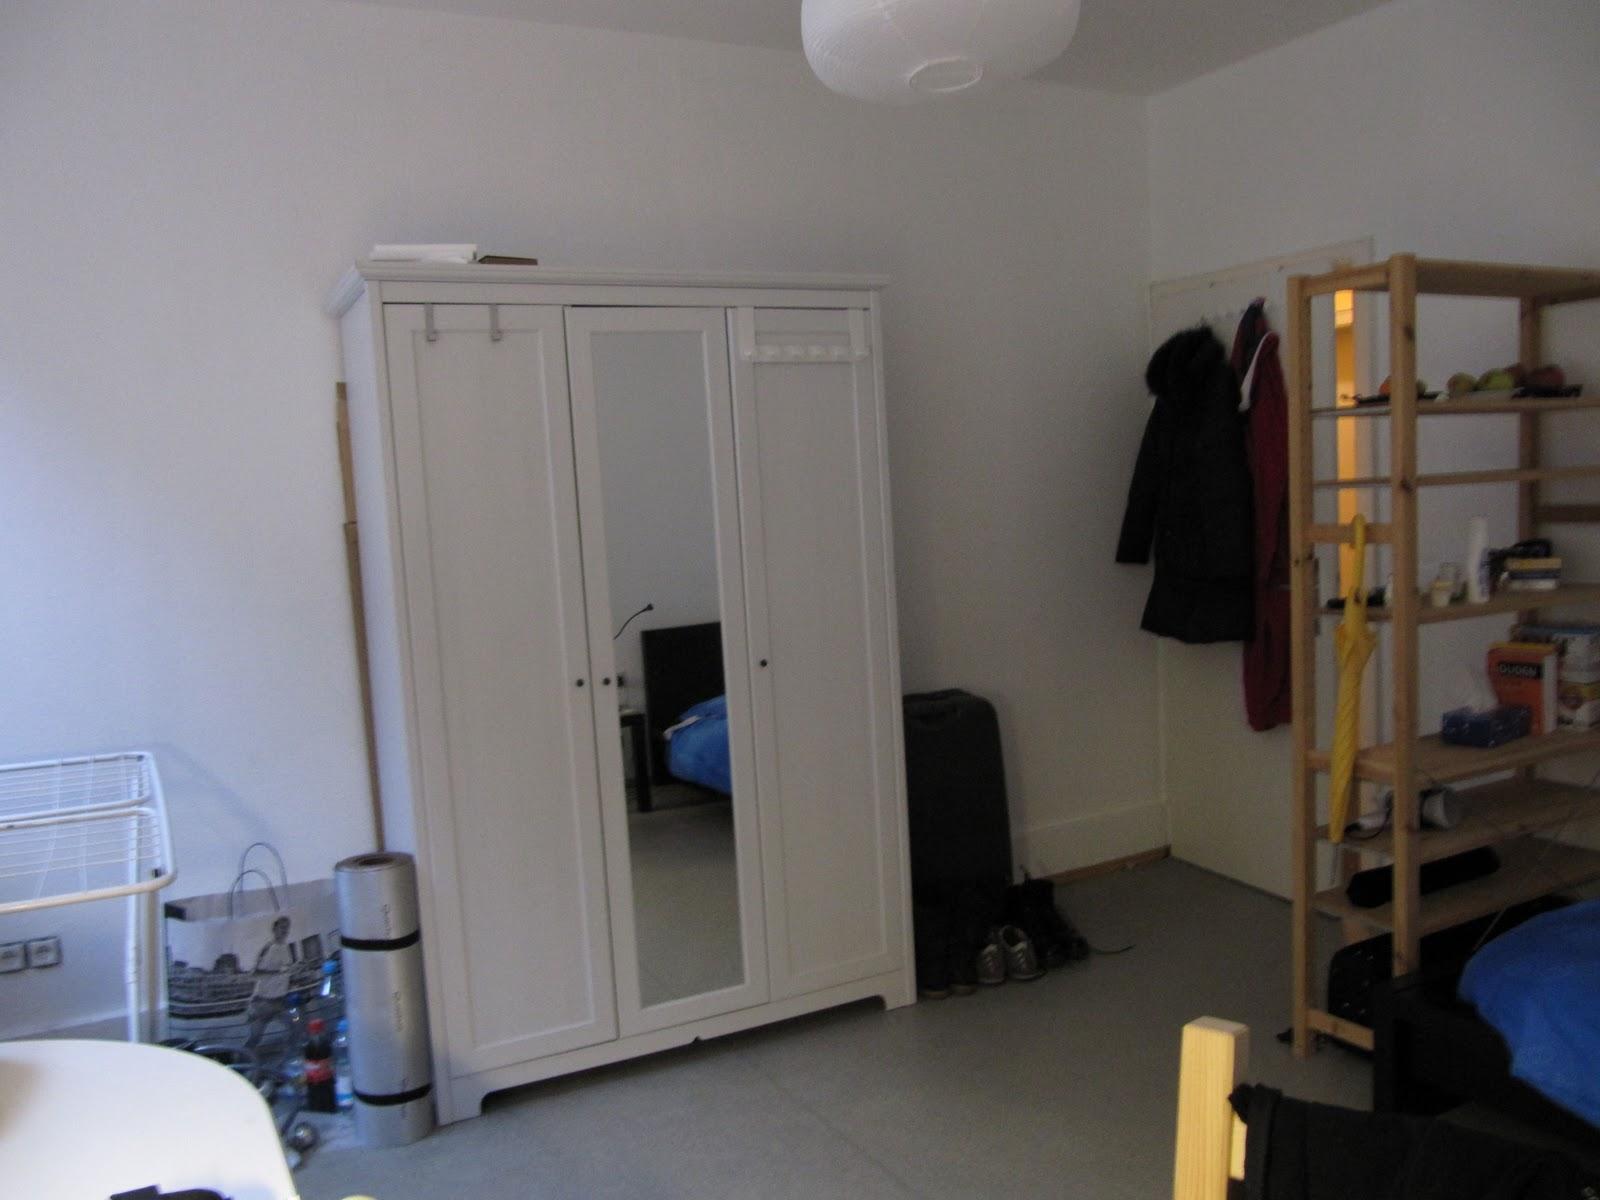 Le migrazioni del papero camera mia - In camera mia ...